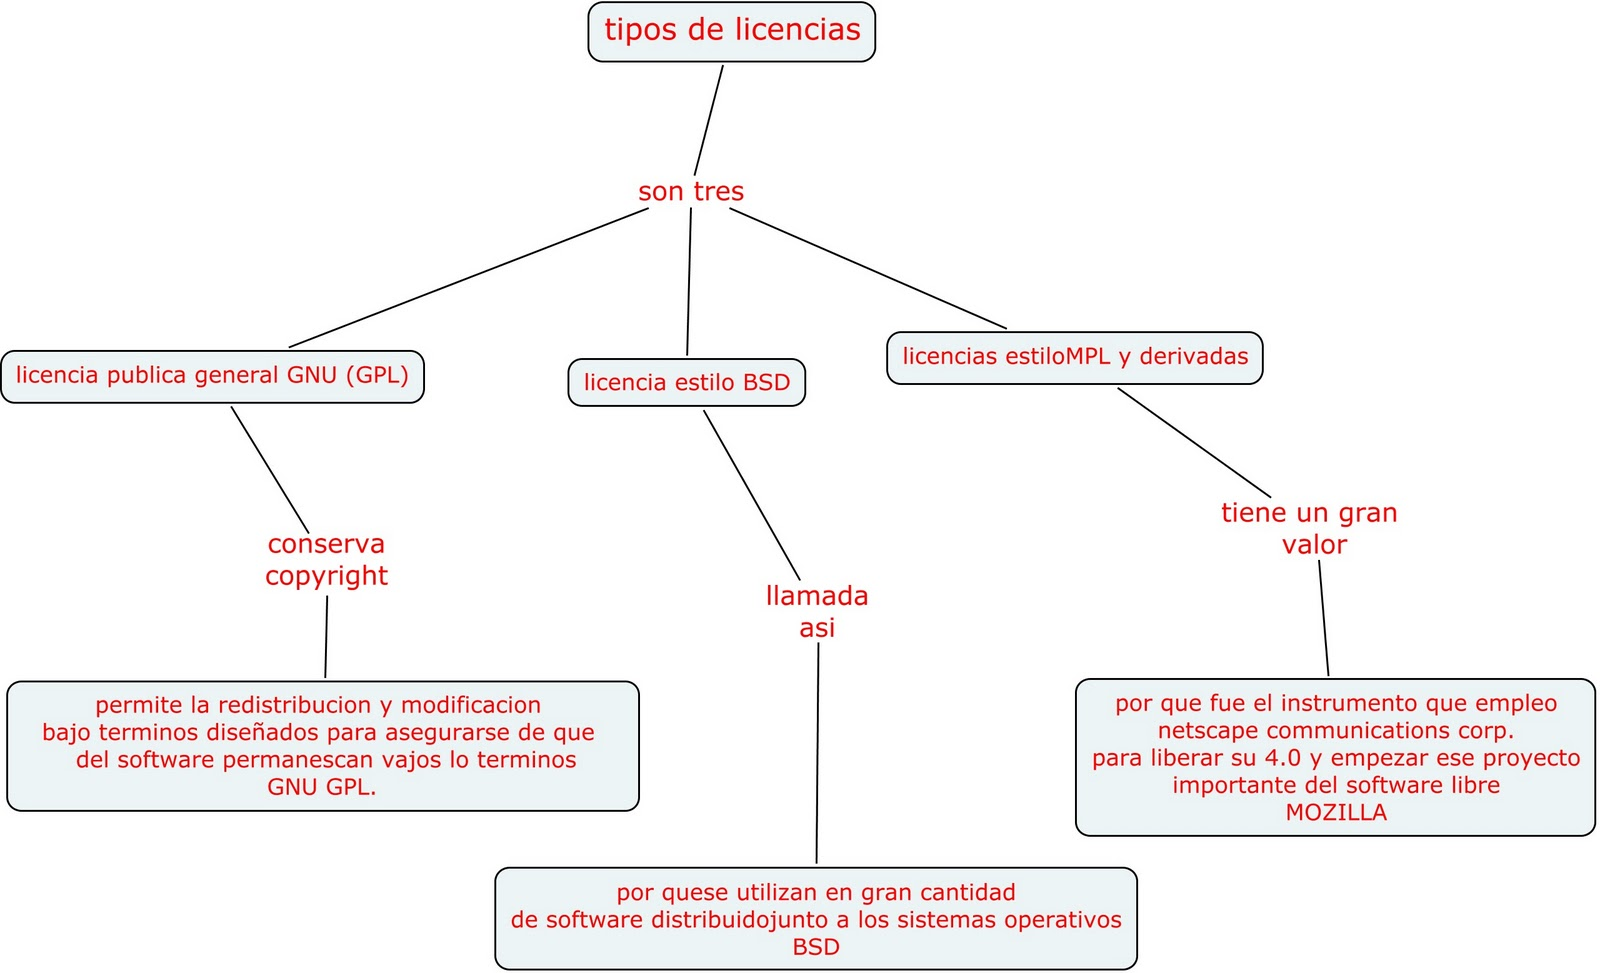 Tipos de licencias mapas conceptuales for Tipos de licencias para bares